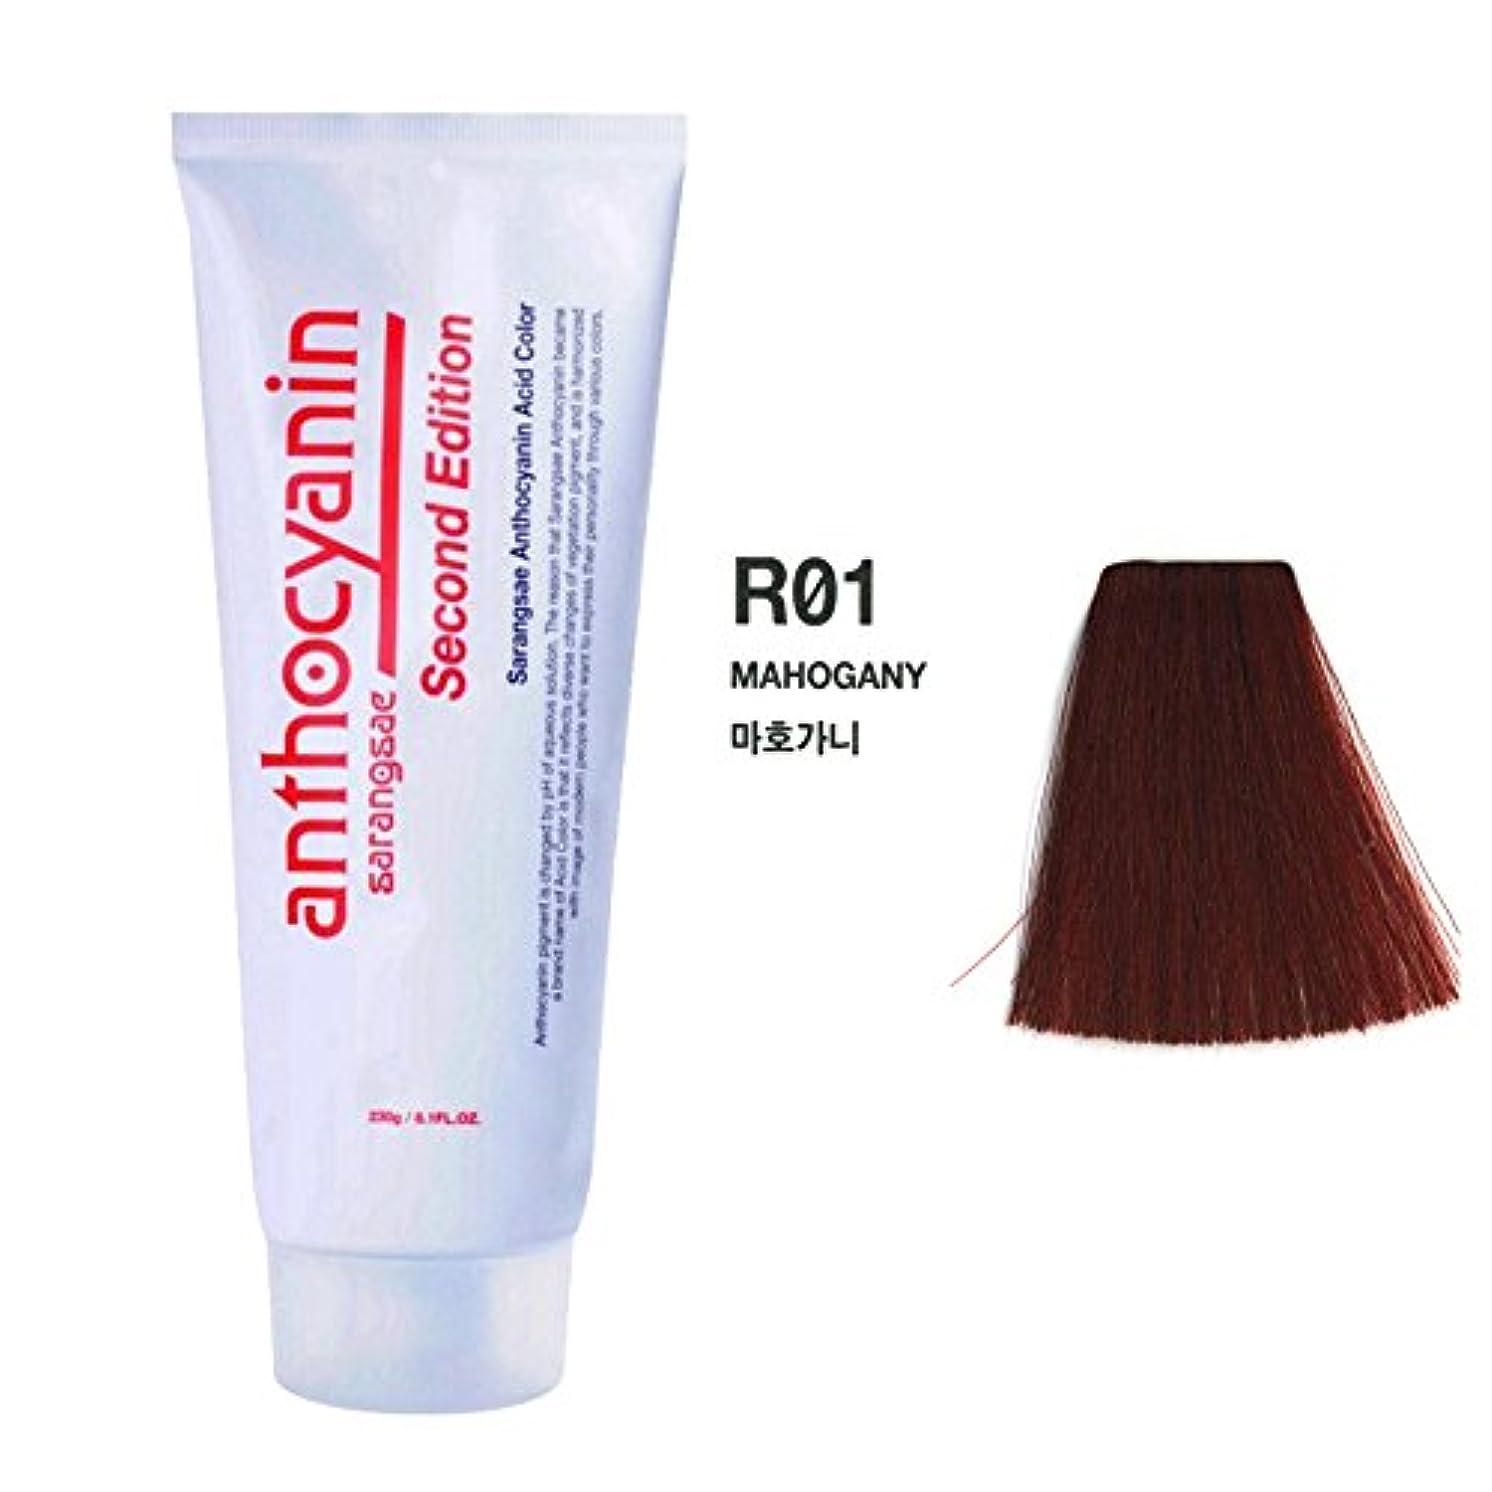 スツールハング休憩するヘア マニキュア カラー セカンド エディション 230g セミ パーマネント 染毛剤 ( Hair Manicure Color Second Edition 230g Semi Permanent Hair Dye) [並行輸入品] (R01 Mahogany)